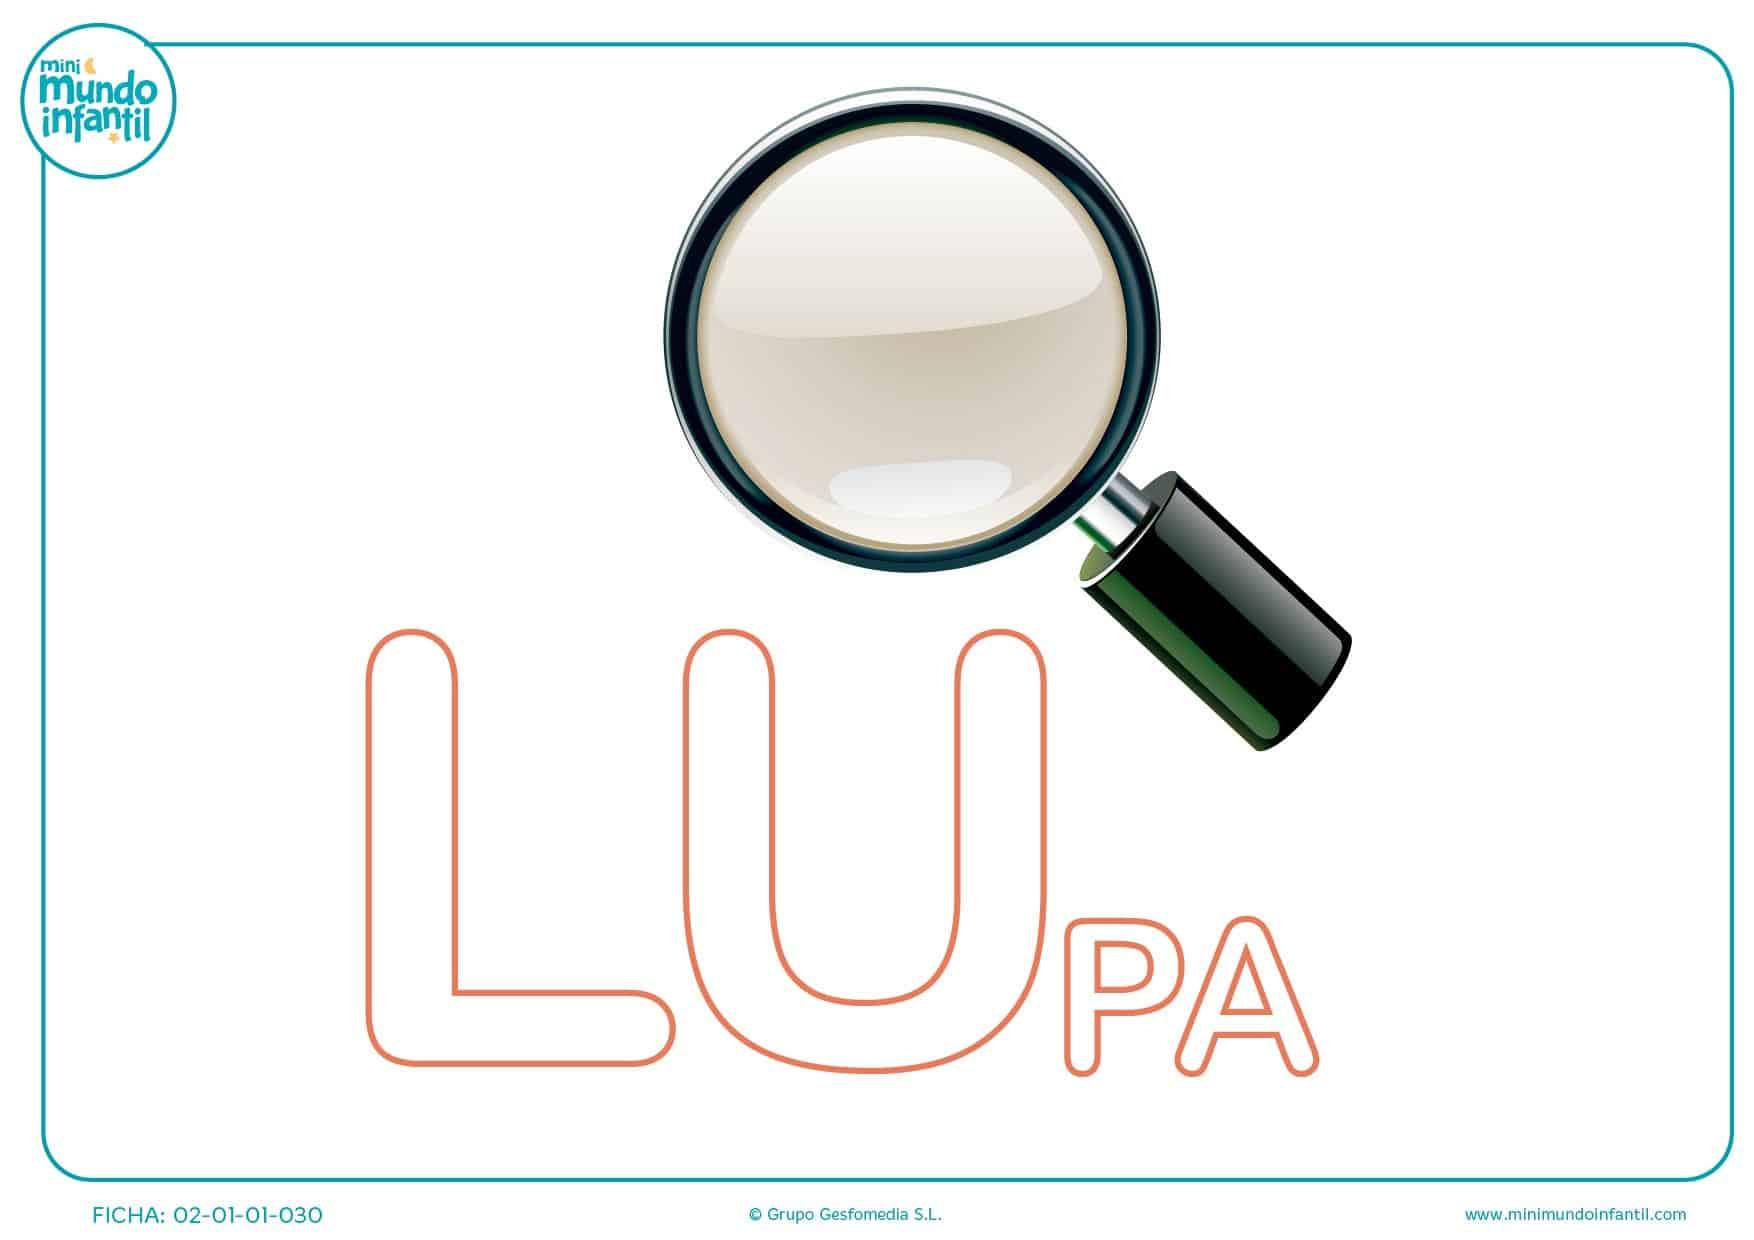 Colorea la sílaba LU de lupa para completar la palabra para infantil